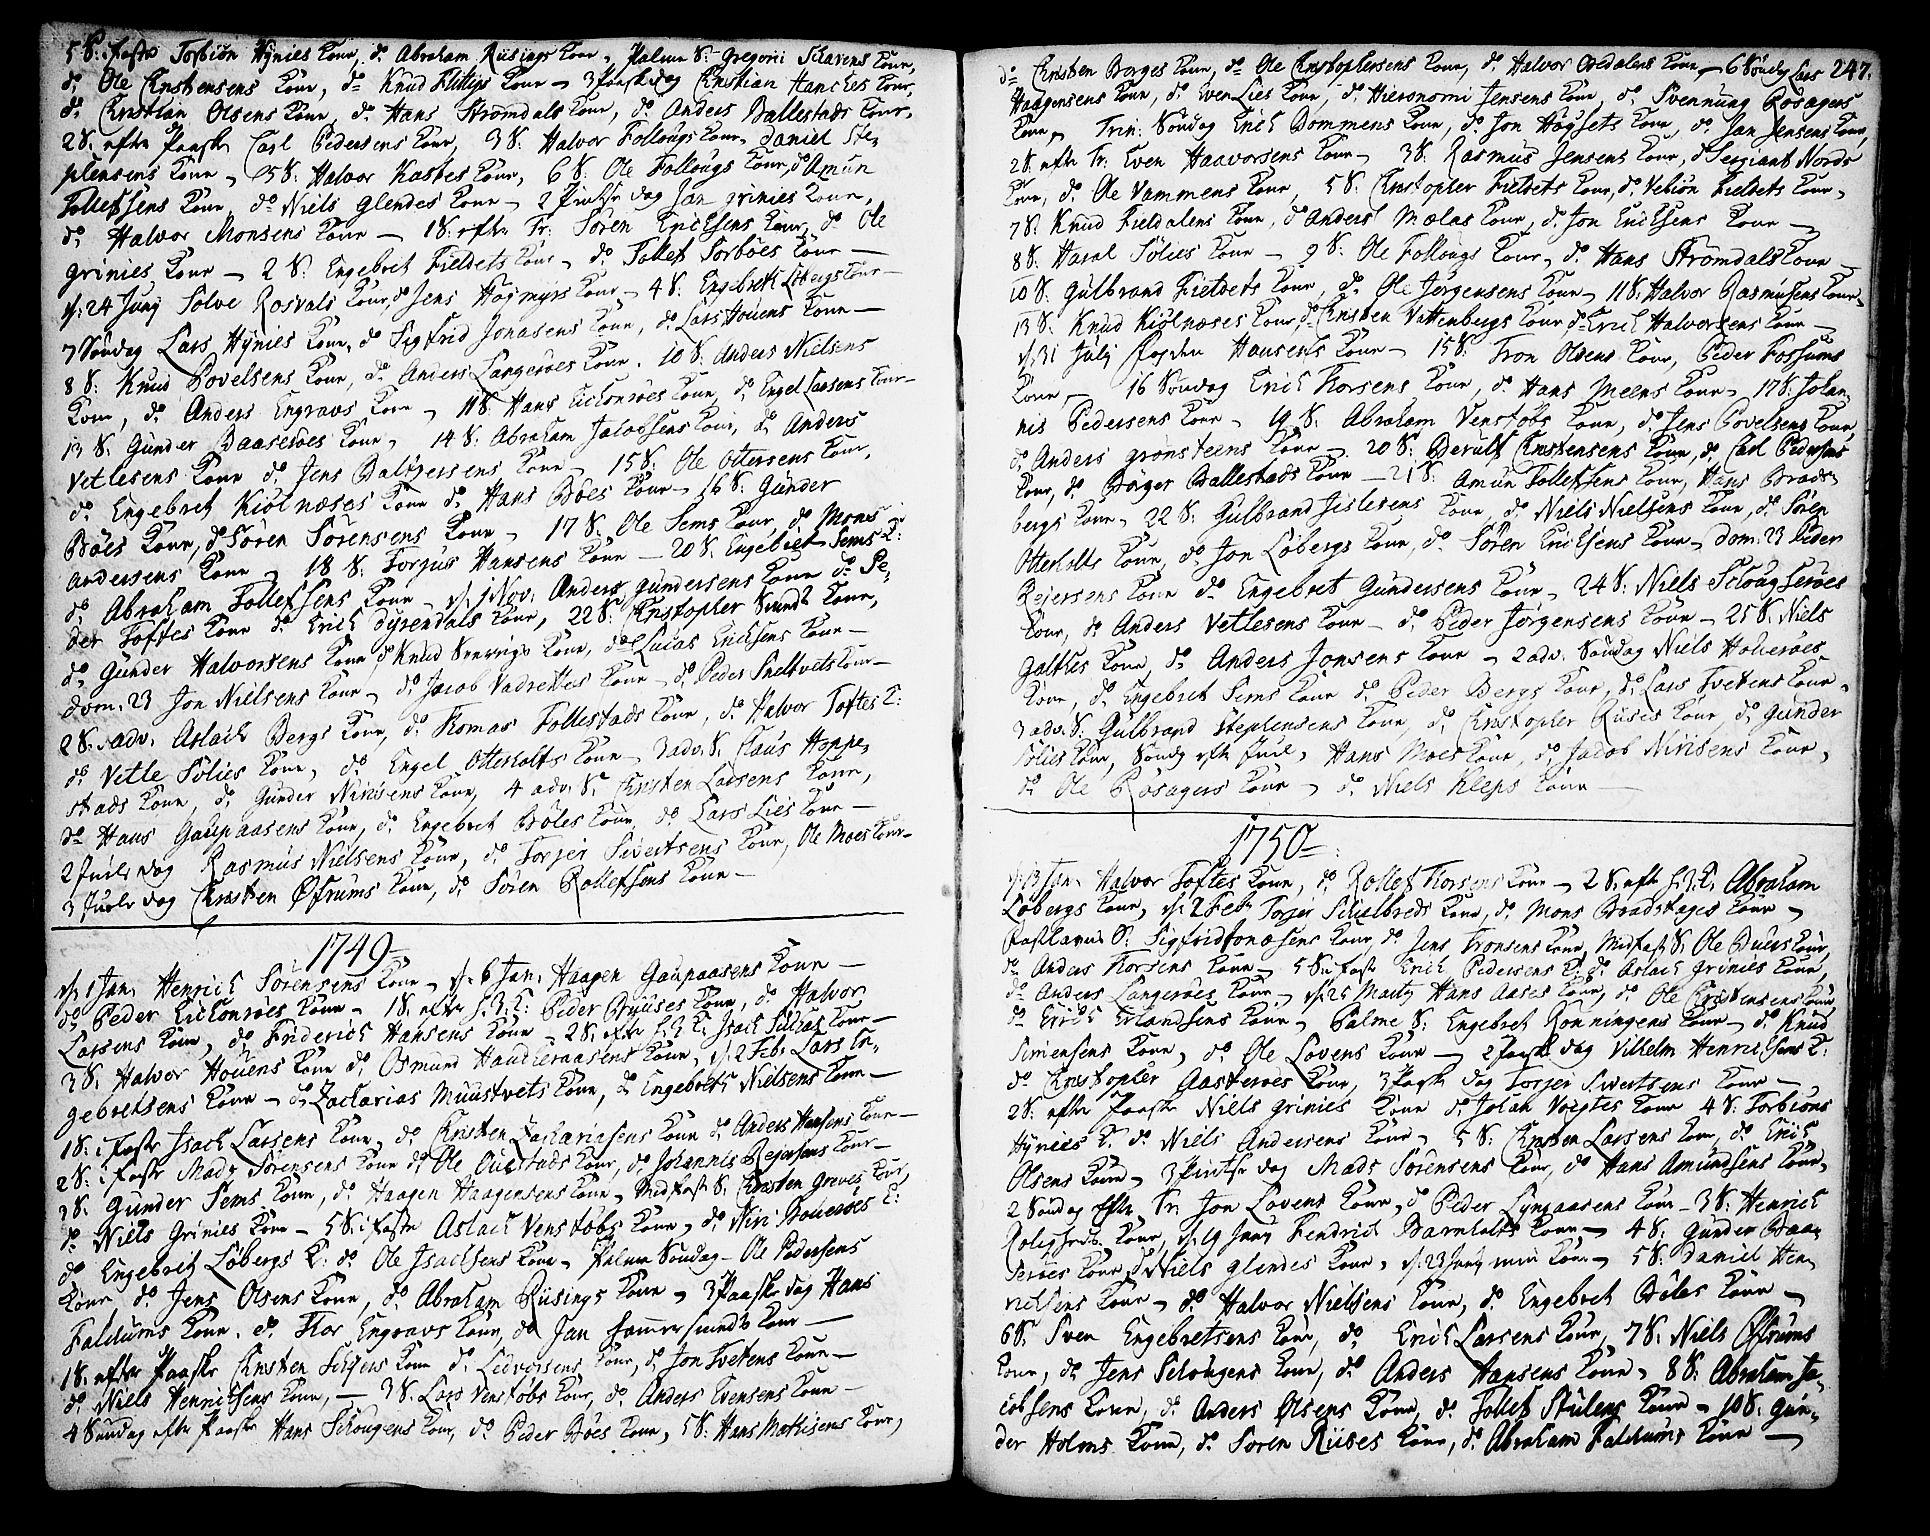 SAKO, Gjerpen kirkebøker, F/Fa/L0002: Ministerialbok nr. 2, 1747-1795, s. 247